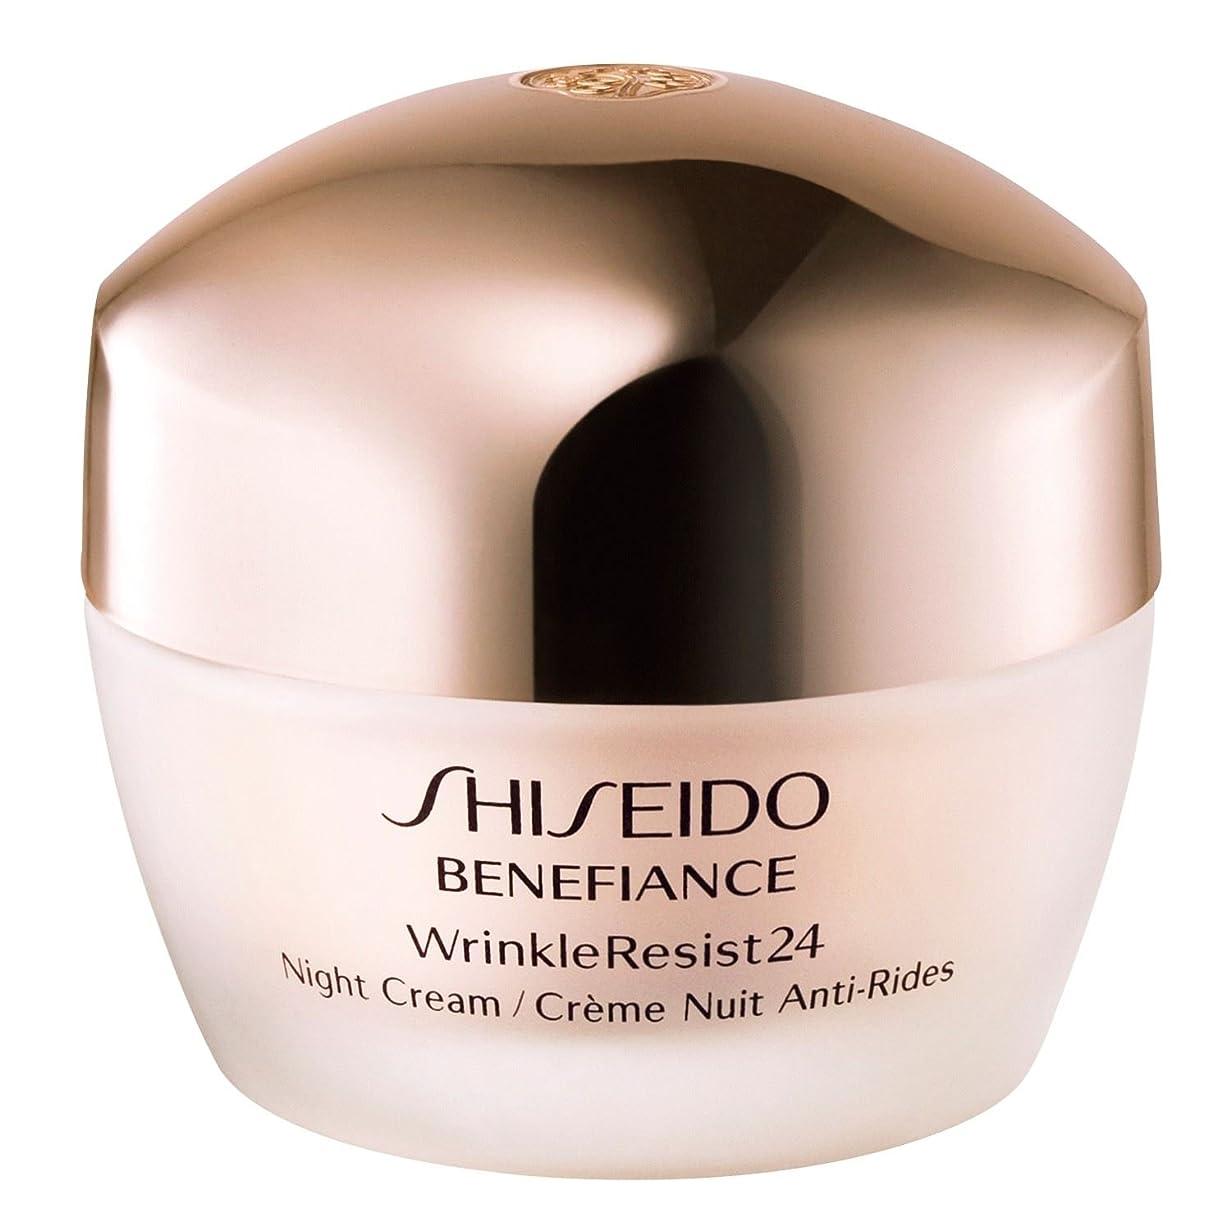 有罪登山家ストッキング[Shiseido] 資生堂ベネフィアンスのWrinkleresist24ナイトクリーム50ミリリットル - Shiseido Benefiance Wrinkleresist24 Night Cream 50ml [並行輸入品]